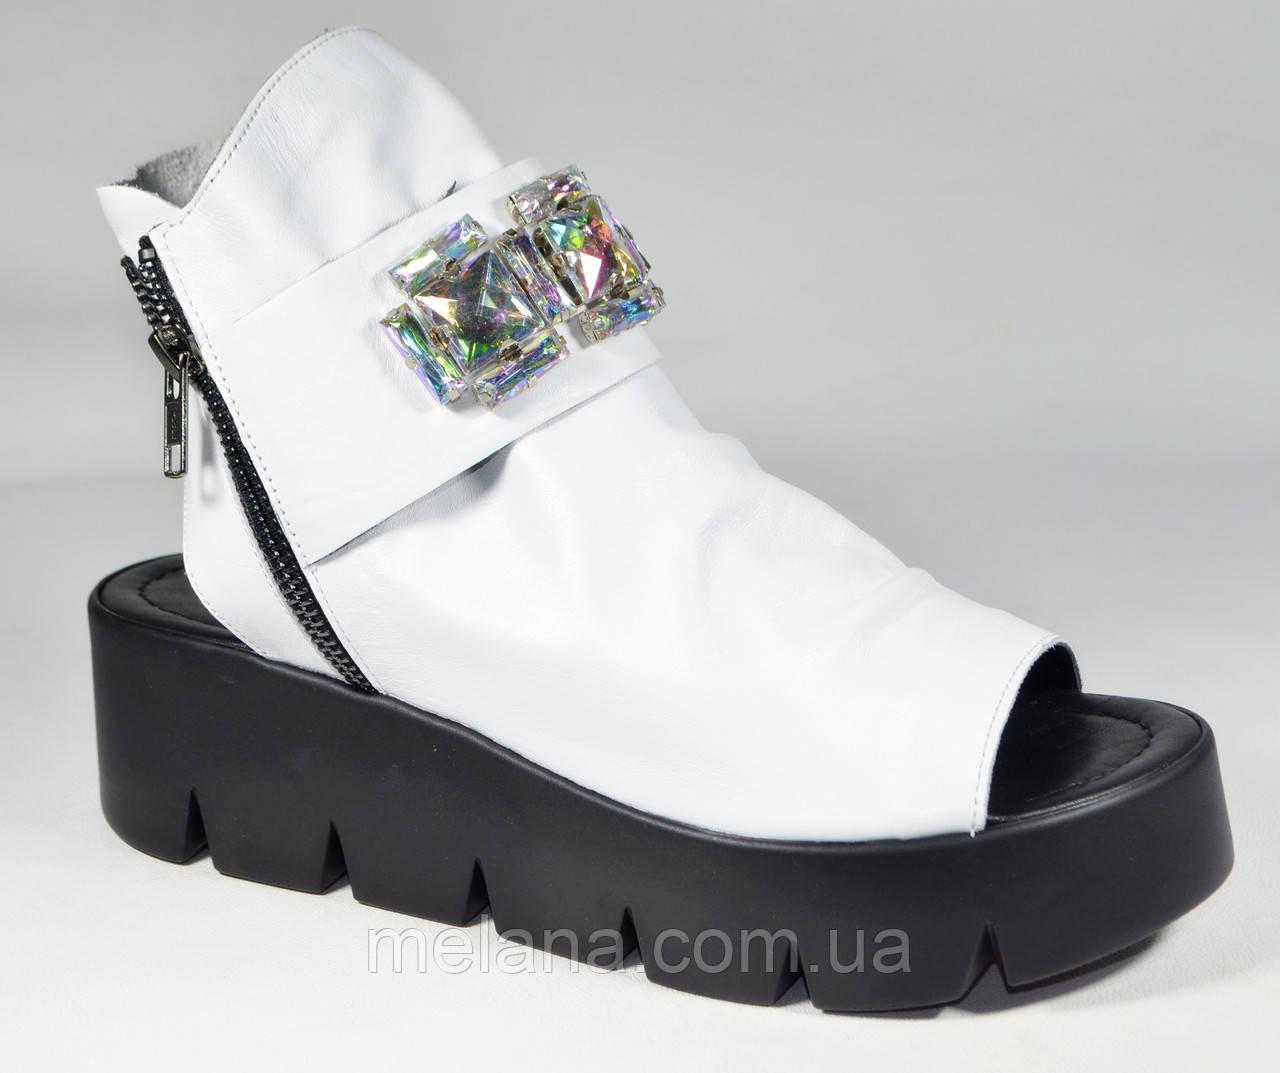 cb8b93ba2 Модные босоножки на толстой подошве Aquamarin - Интернет-магазин женской  обуви и аксессуаров